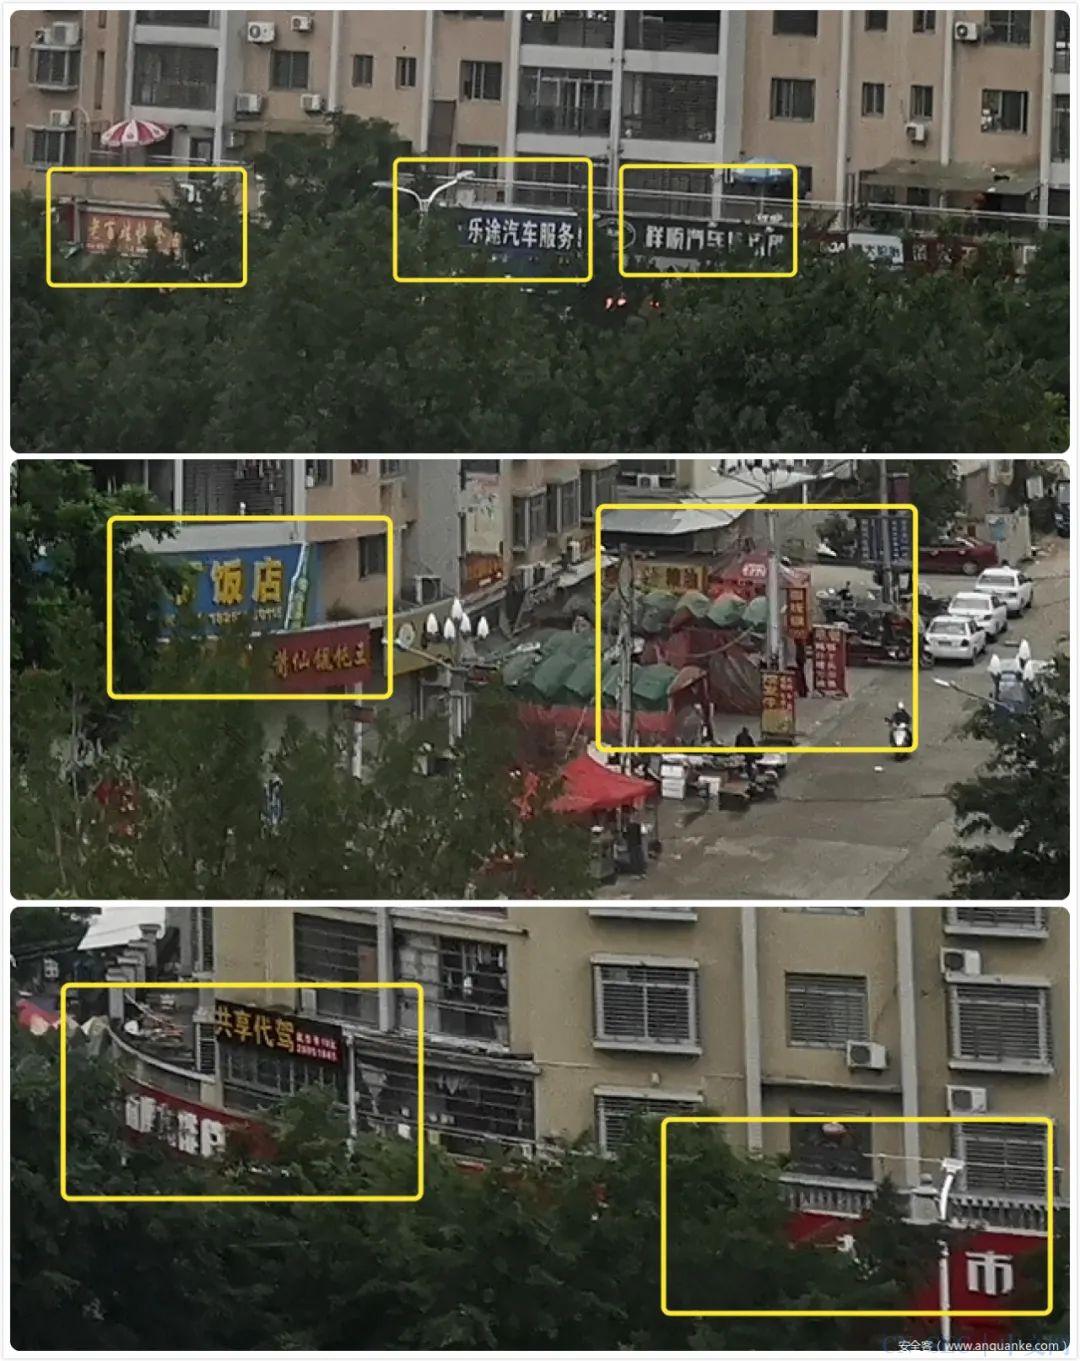 如何对图片进行情报信息挖掘?